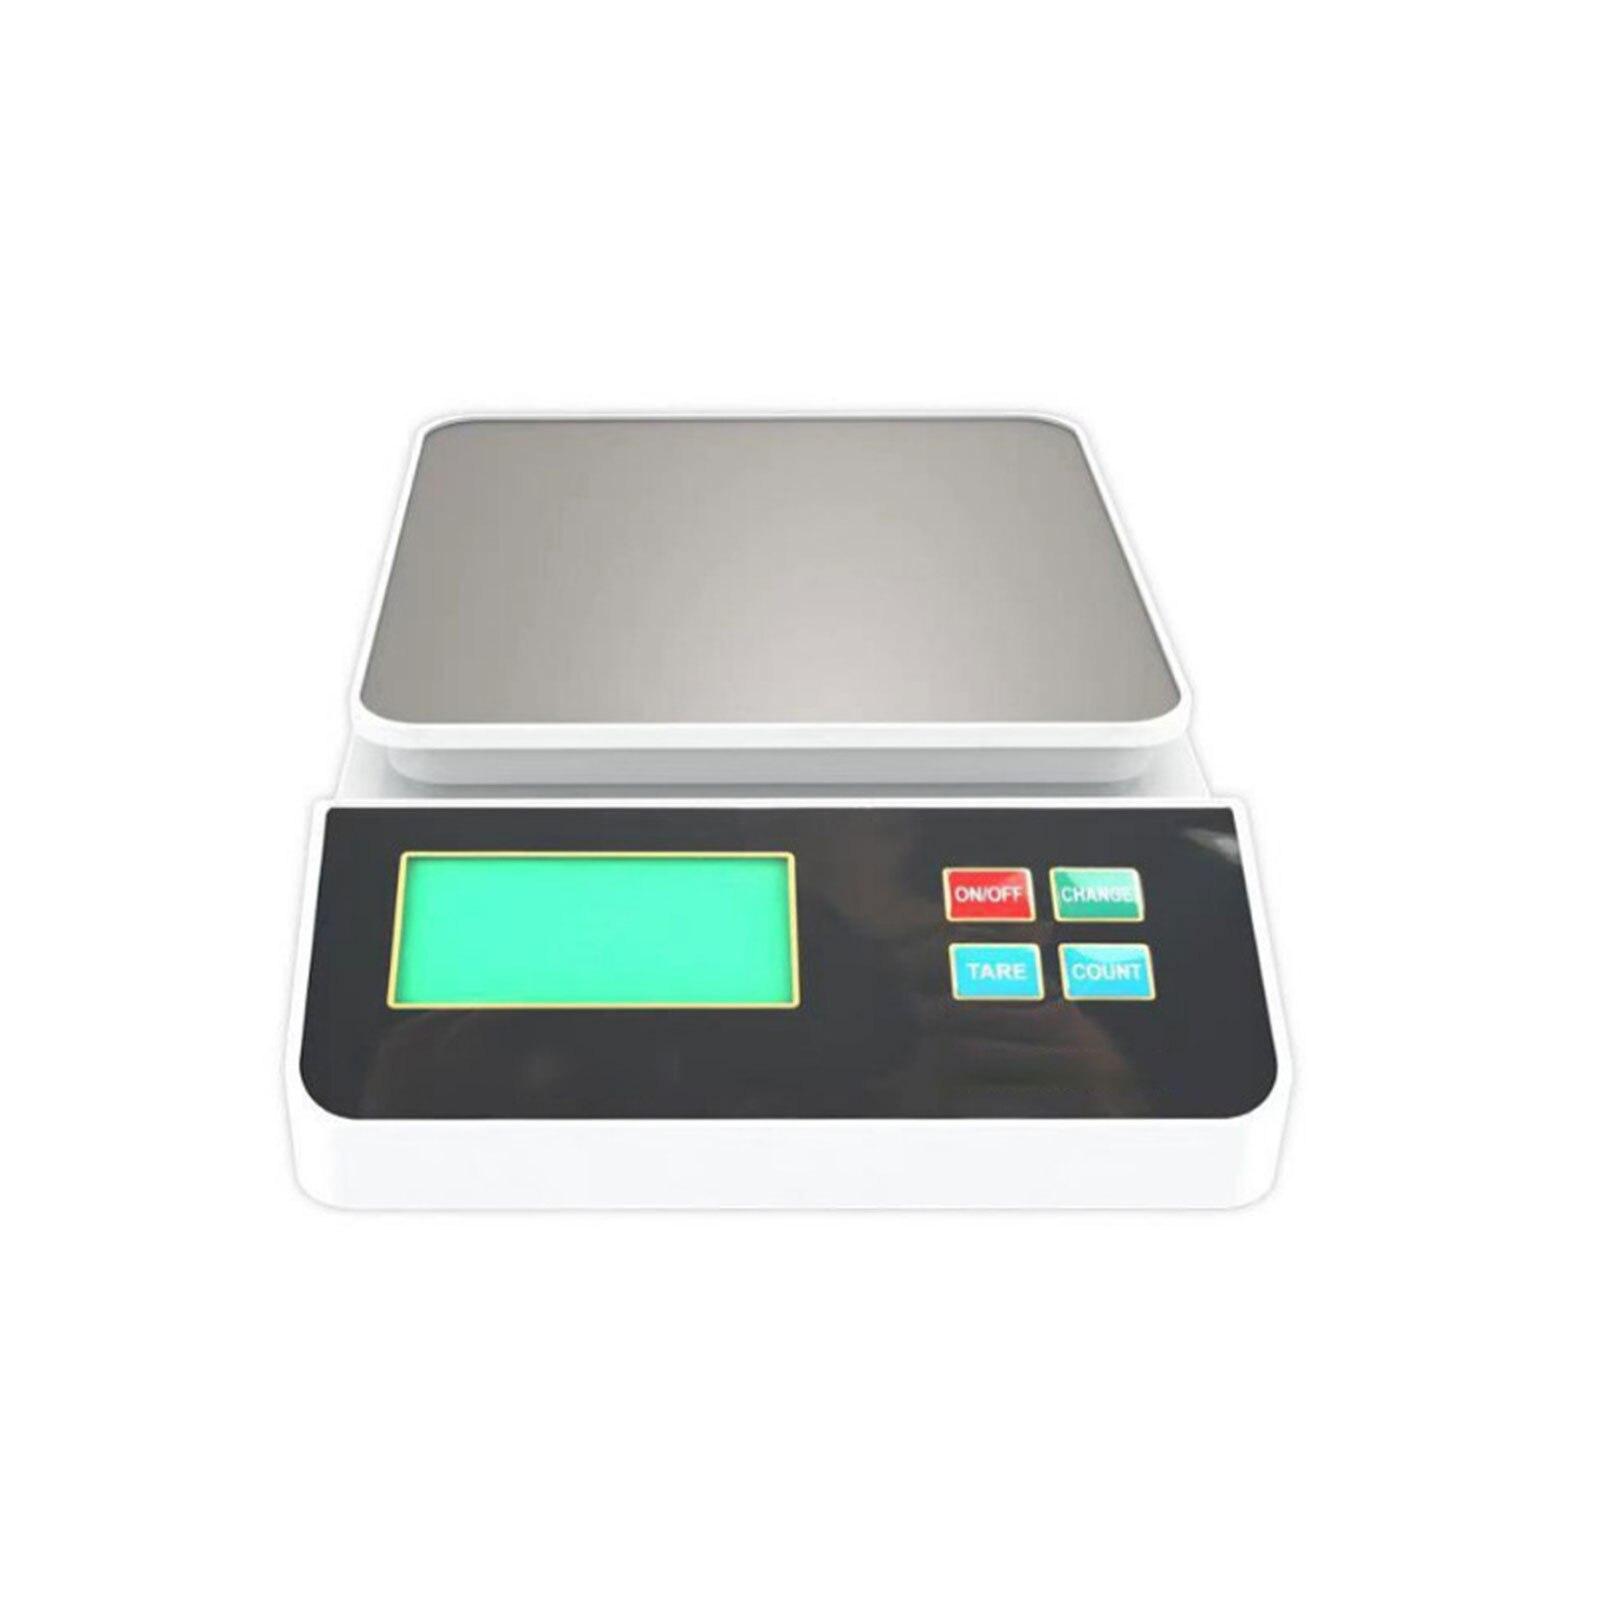 المطبخ مقياس رقمي 6 كجم/0.5 جرام USB قابلة للشحن تقشير وظيفة مقاوم للماء ميزان طعام للمطبخ الطبخ